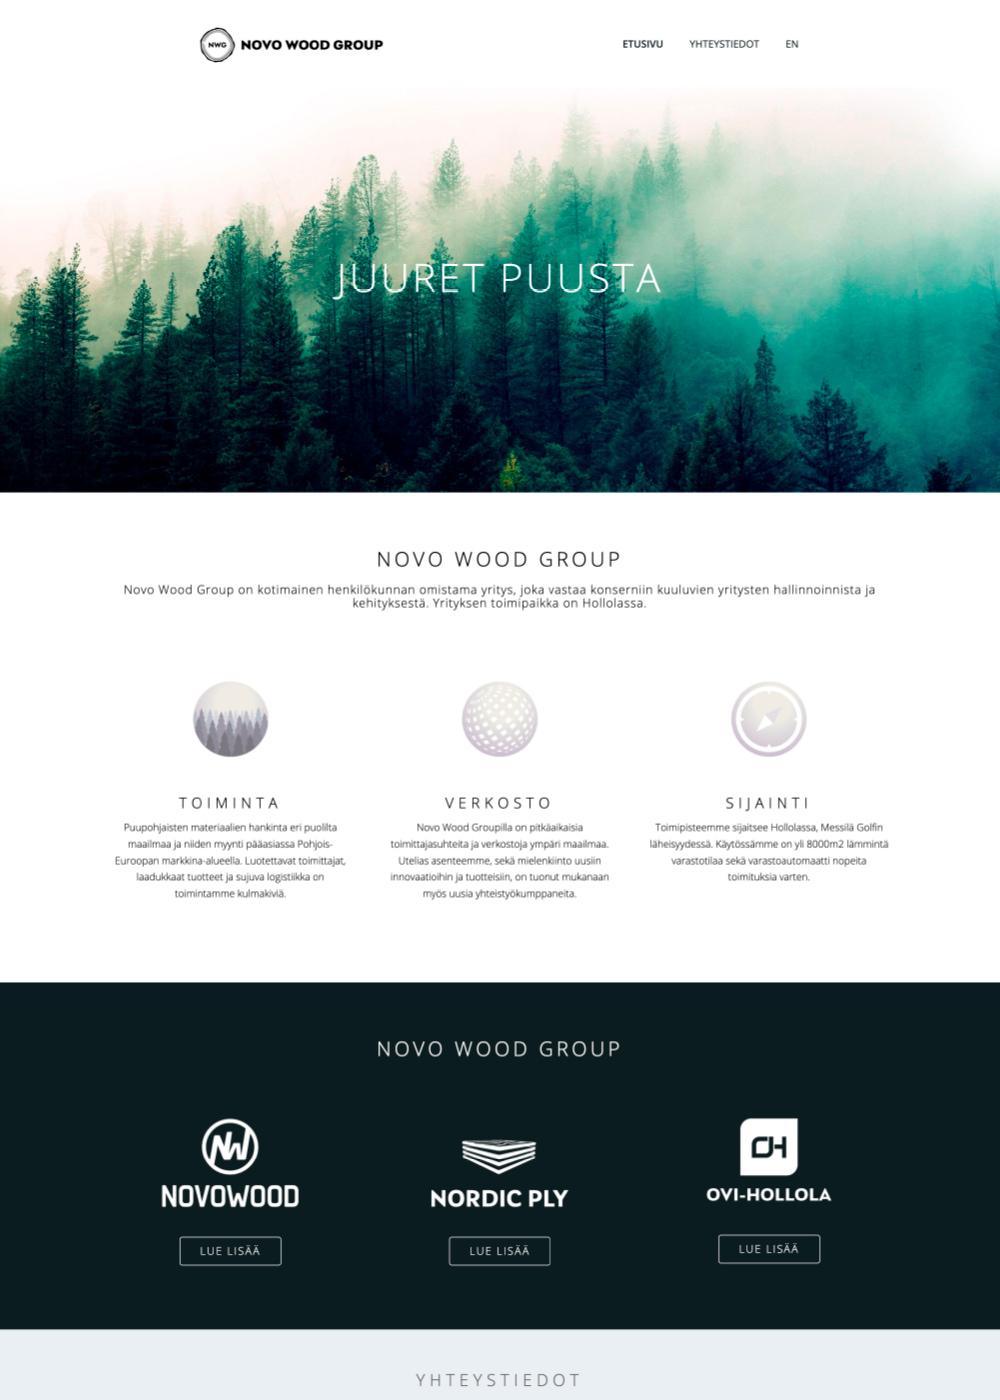 Novo Wood Group verkkosivuston kuvankaappaus